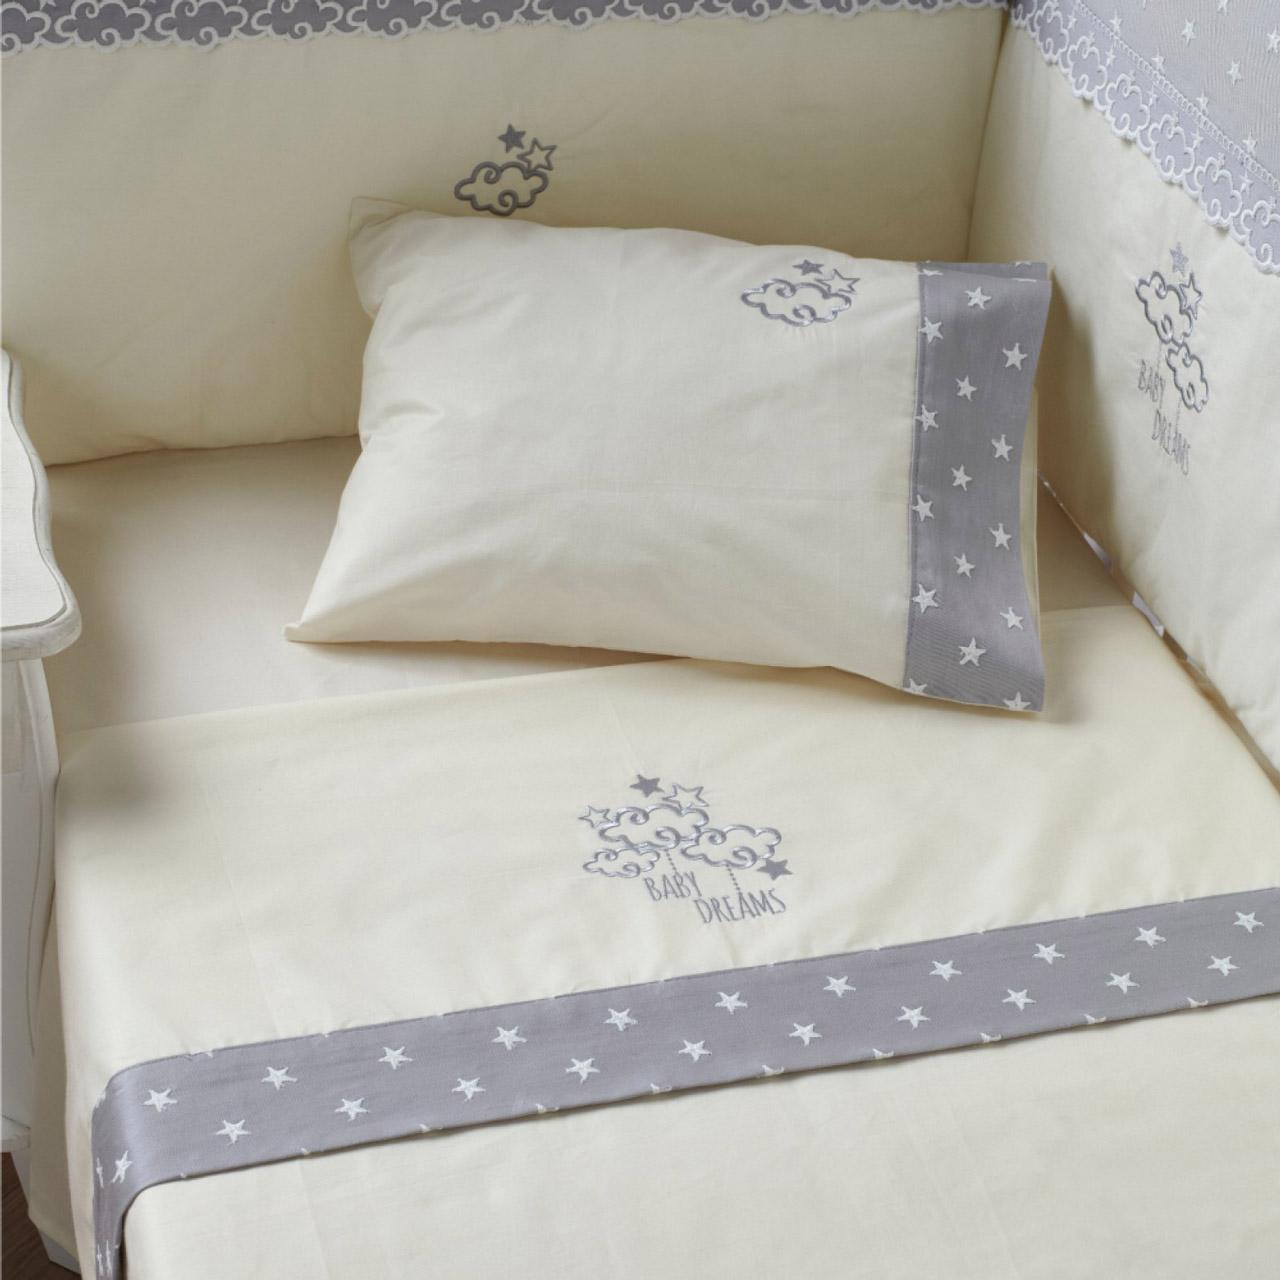 Σεντόνια Κούνιας (Σετ) 120X165 Kentia Serenity Baby Dream Γκρι Χωρίς Λάστιχο